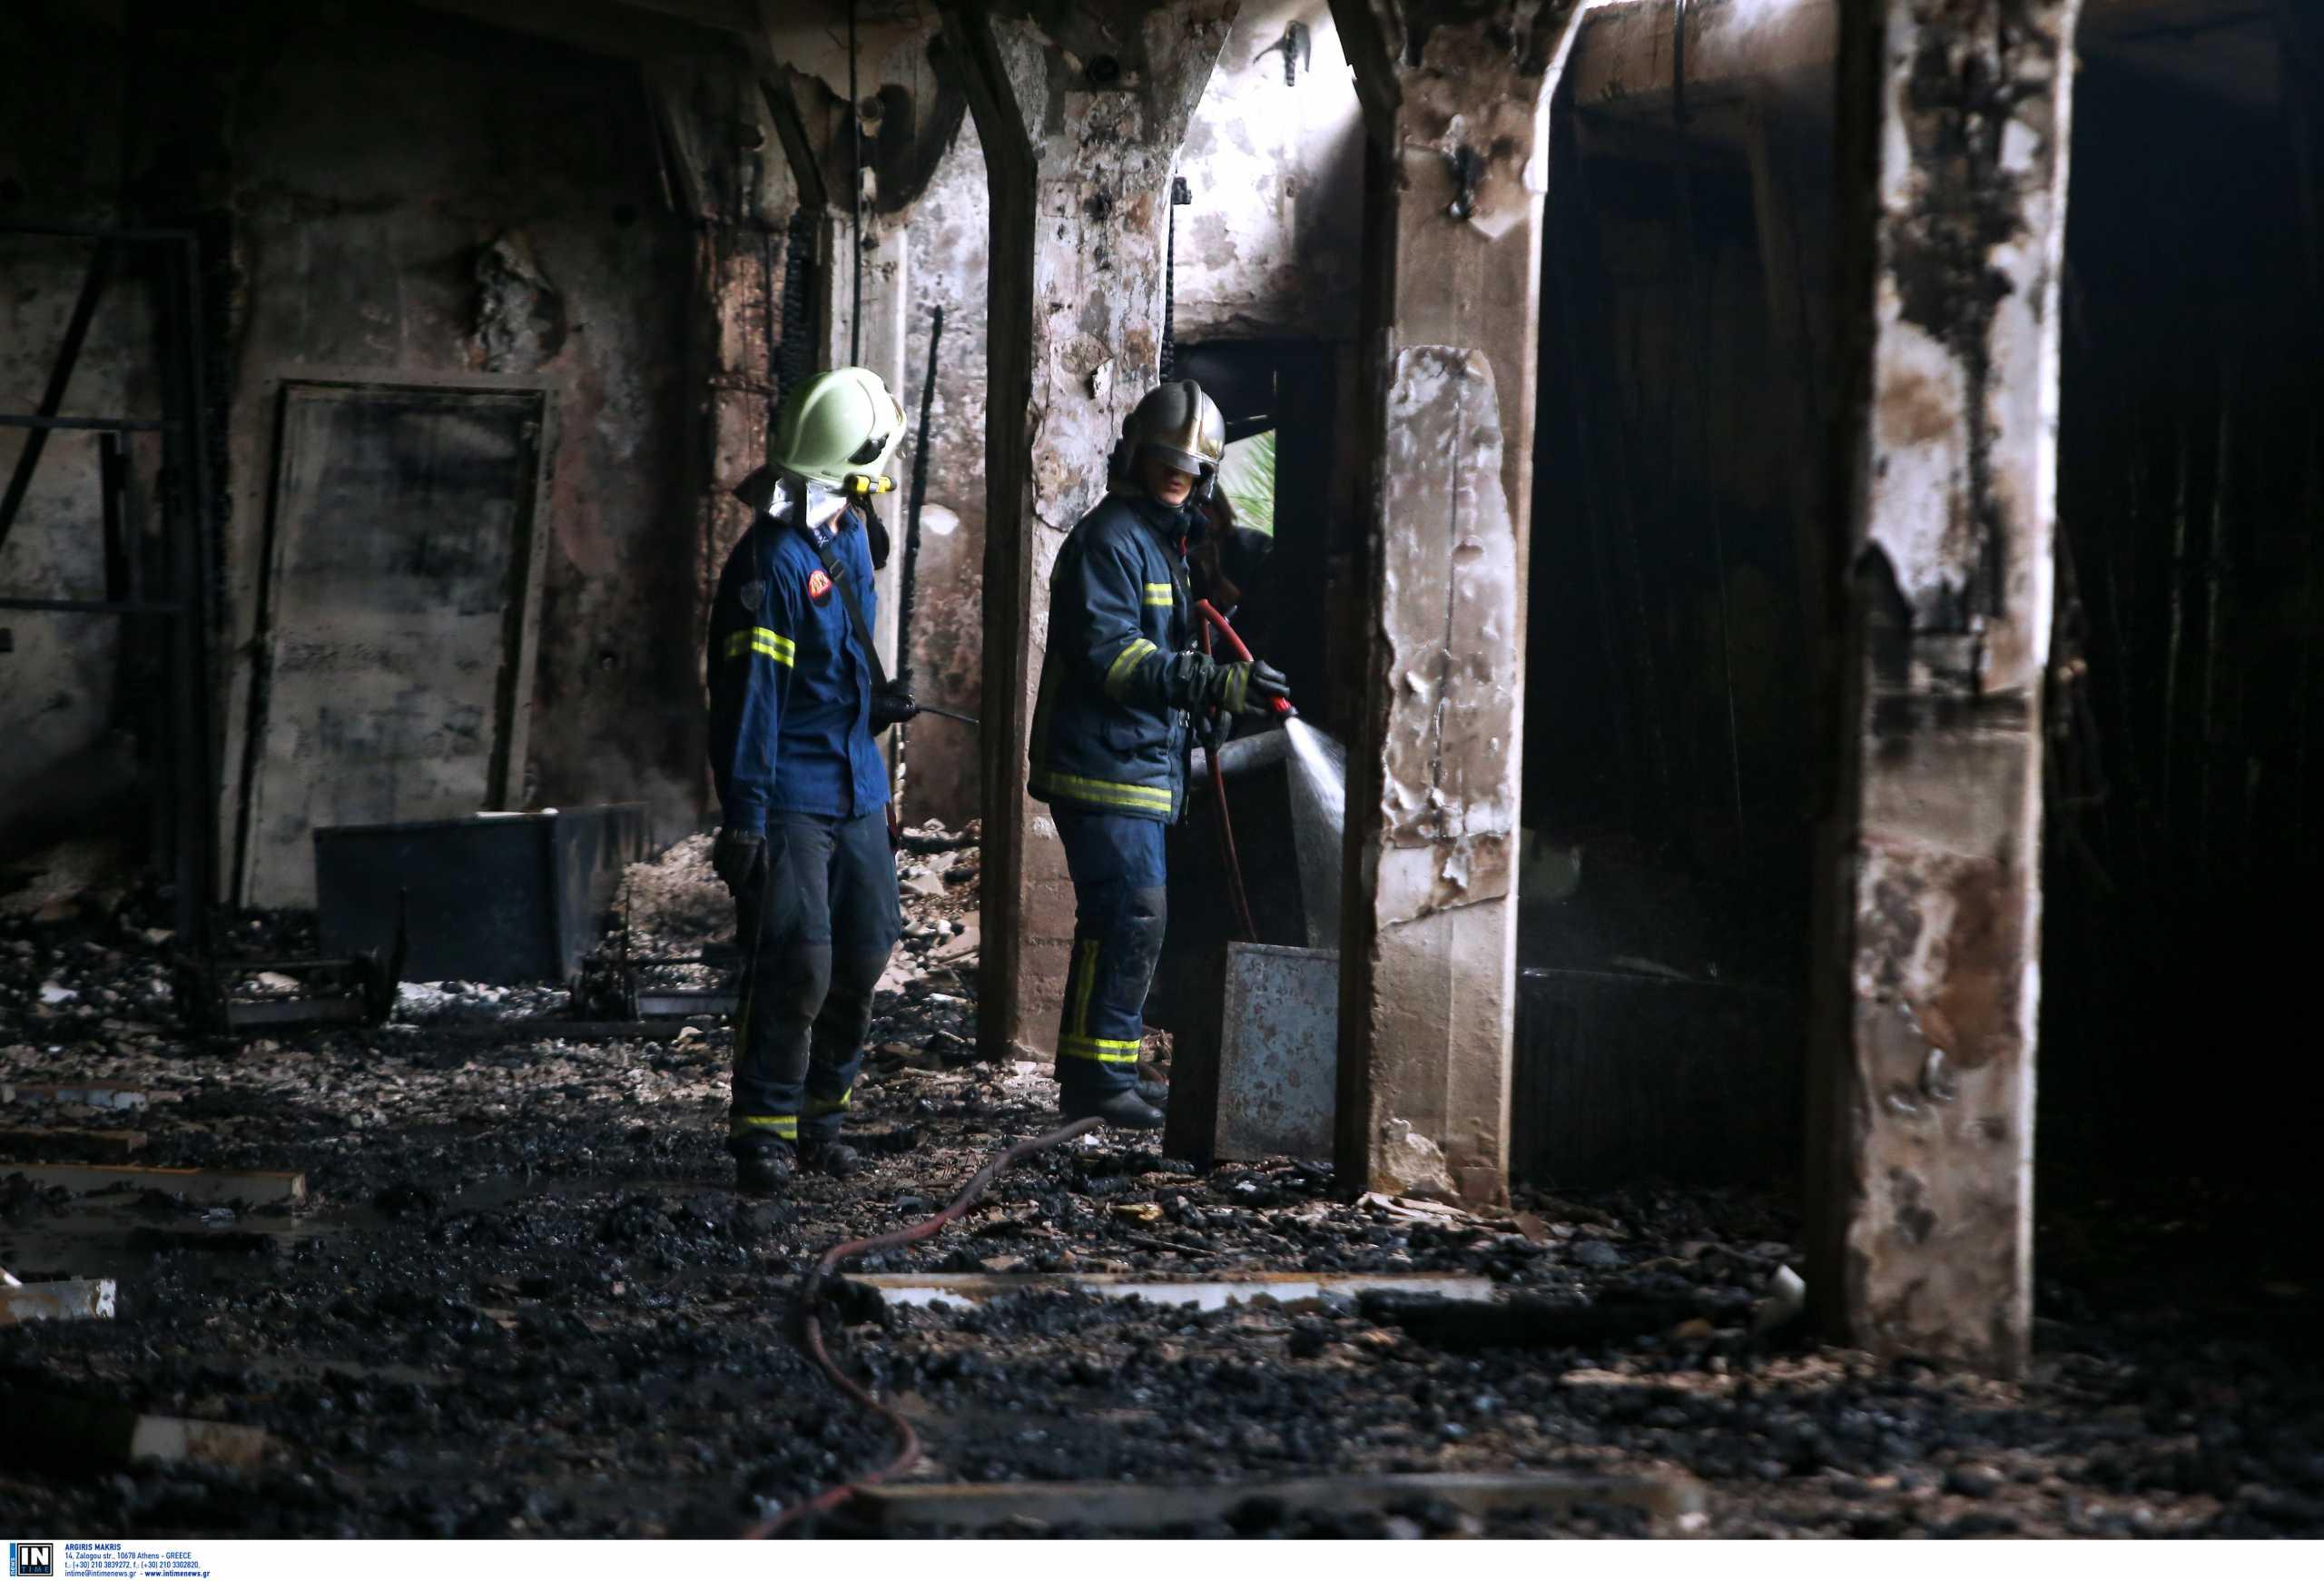 Υπό έλεγχο η φωτιά σε κτίριο μέσα στο Άλσος Καισαριανής (pics)